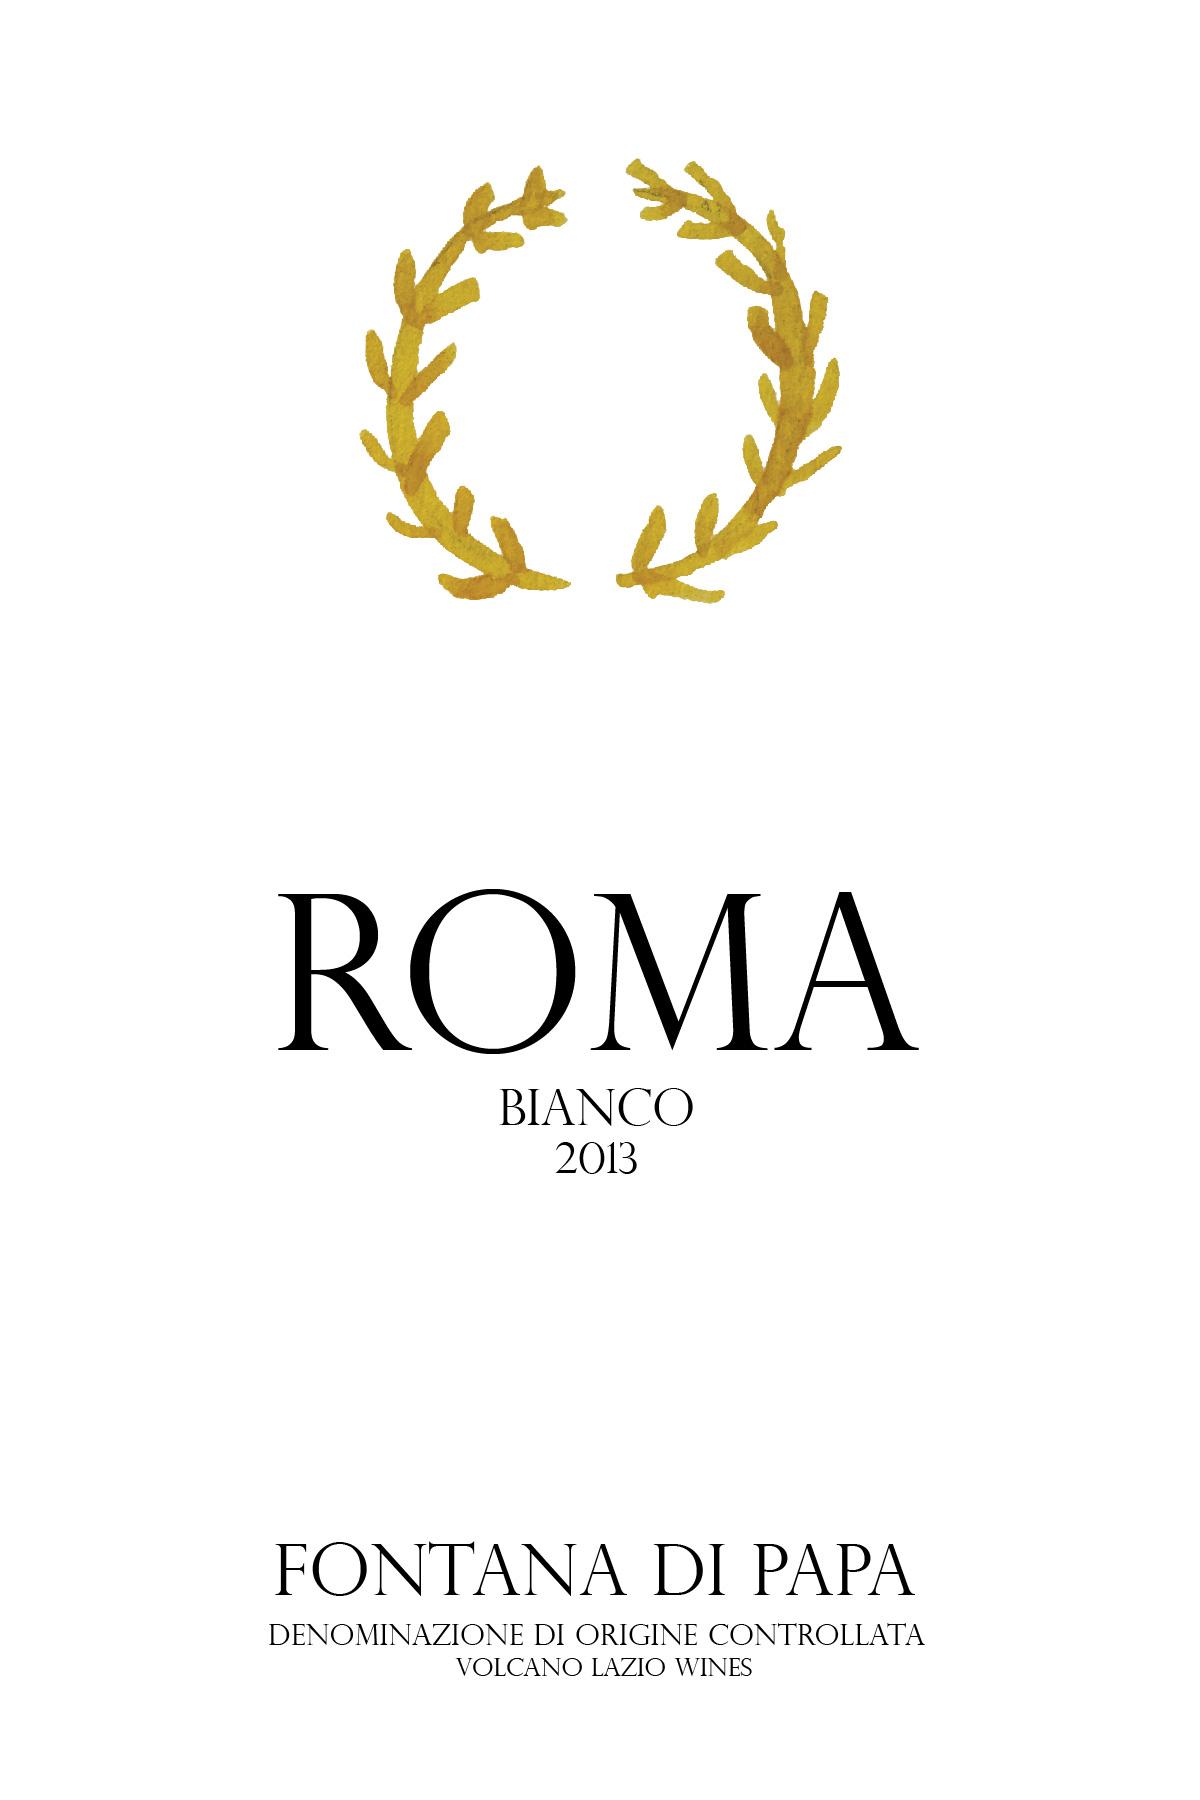 fancy wine label ideas-15.jpg